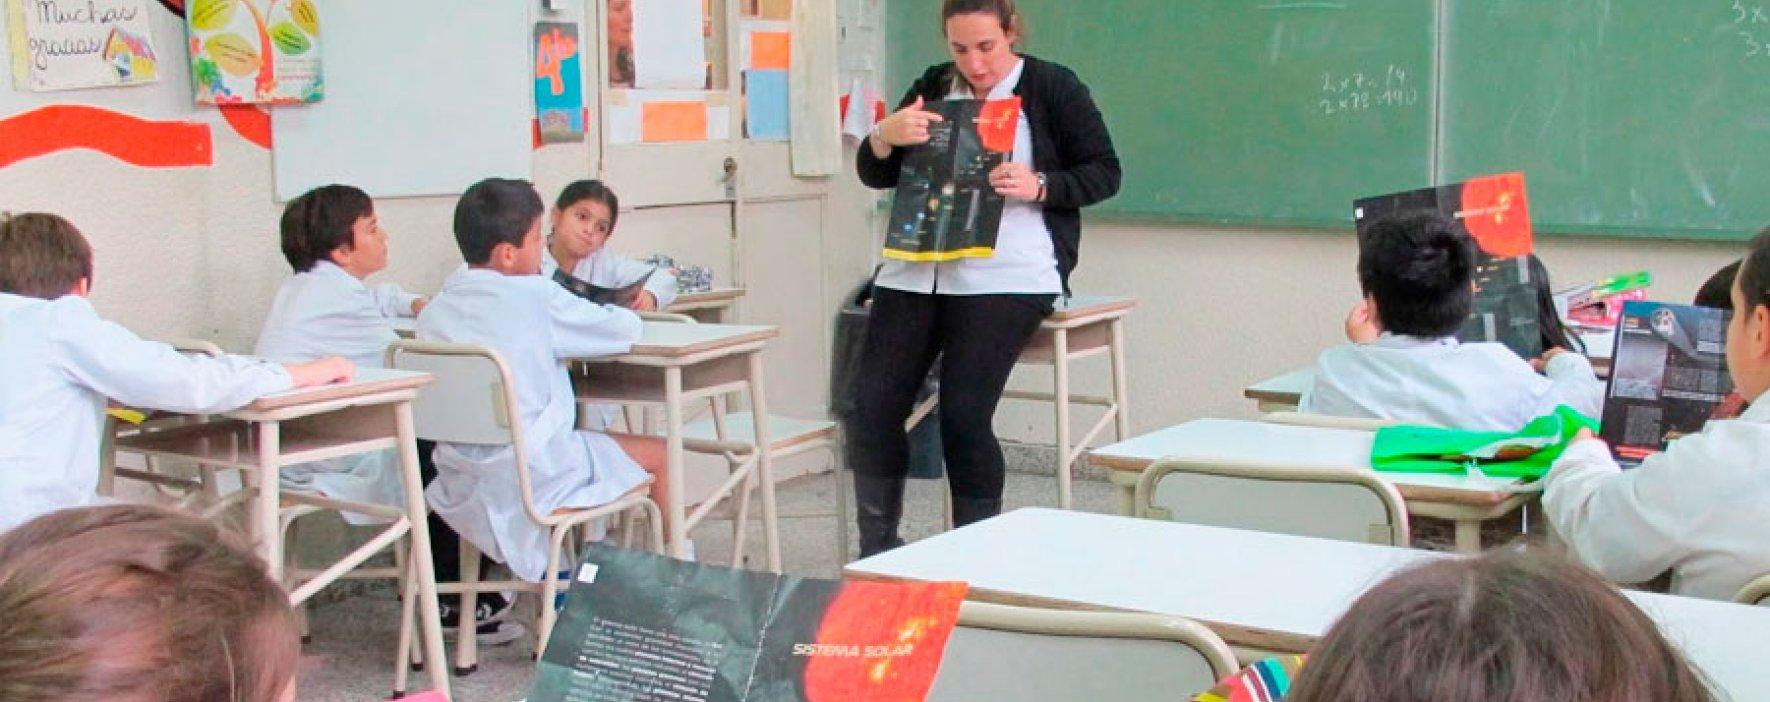 Calidad docente, ¿un desafío para la tradición pedagógica en Colombia?